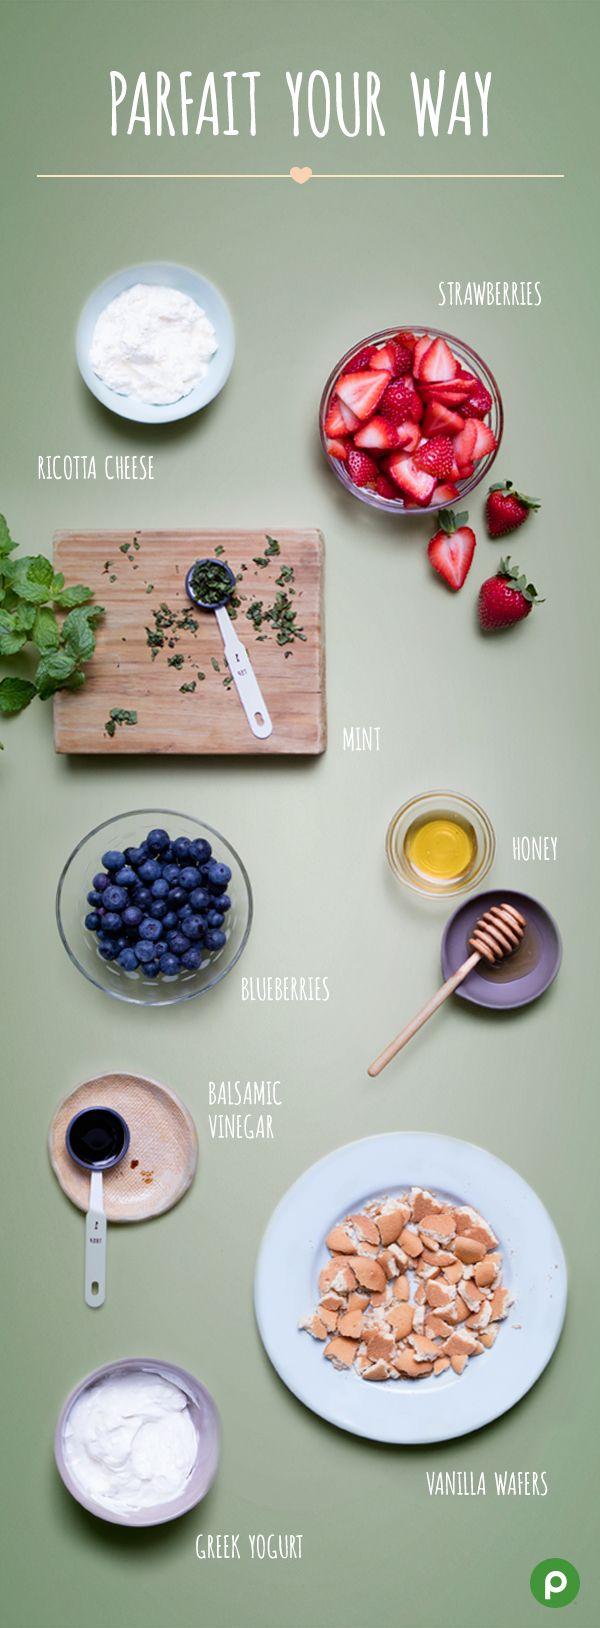 Publix white apron recipes - Berry Parfaits